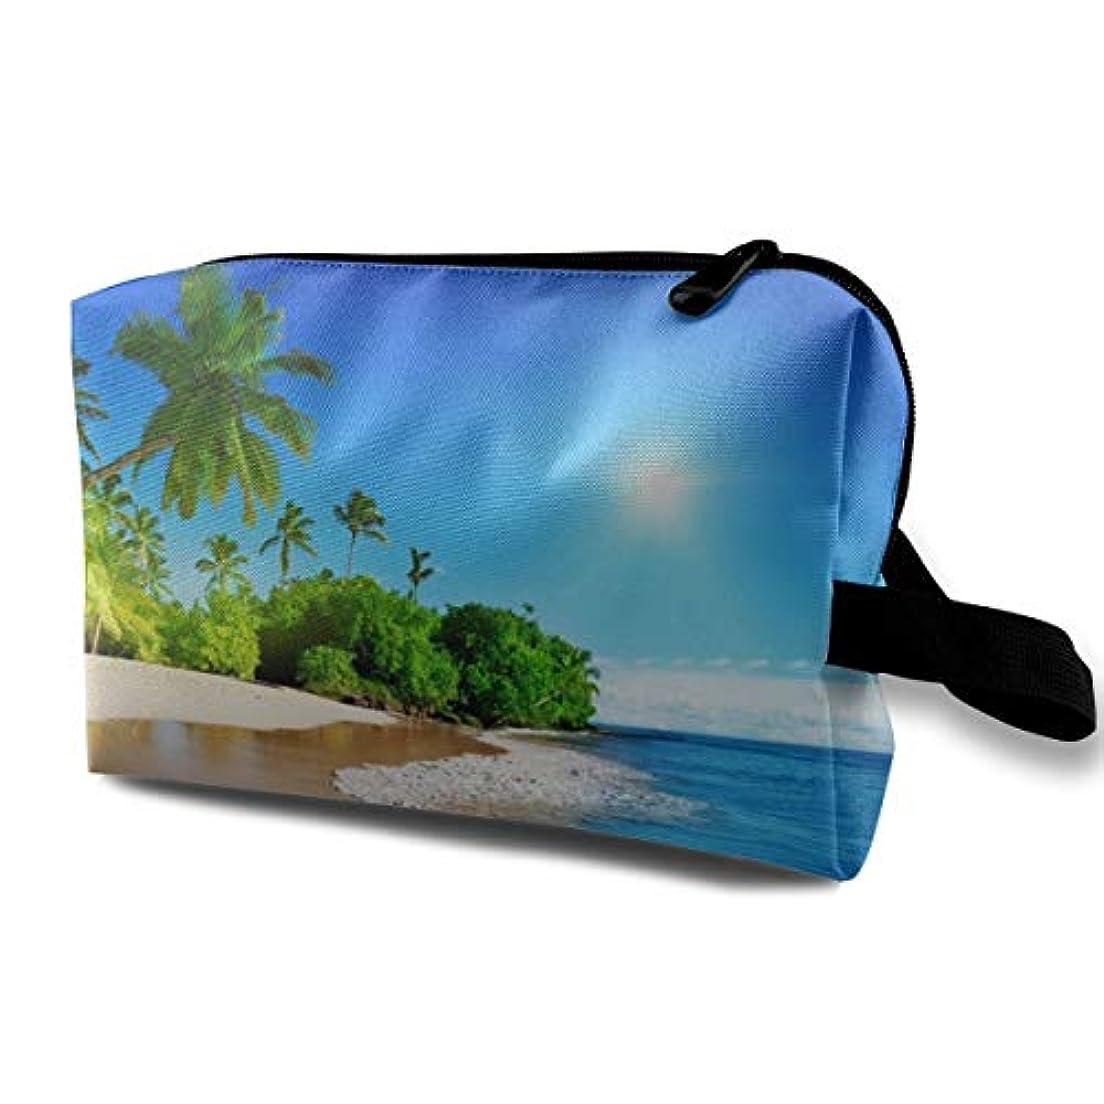 悪化する博物館インシュレータBeach Palms Trees Blue Ocean Landscape.jpeg 収納ポーチ 化粧ポーチ 大容量 軽量 耐久性 ハンドル付持ち運び便利。入れ 自宅?出張?旅行?アウトドア撮影などに対応。メンズ レディース トラベルグッズ